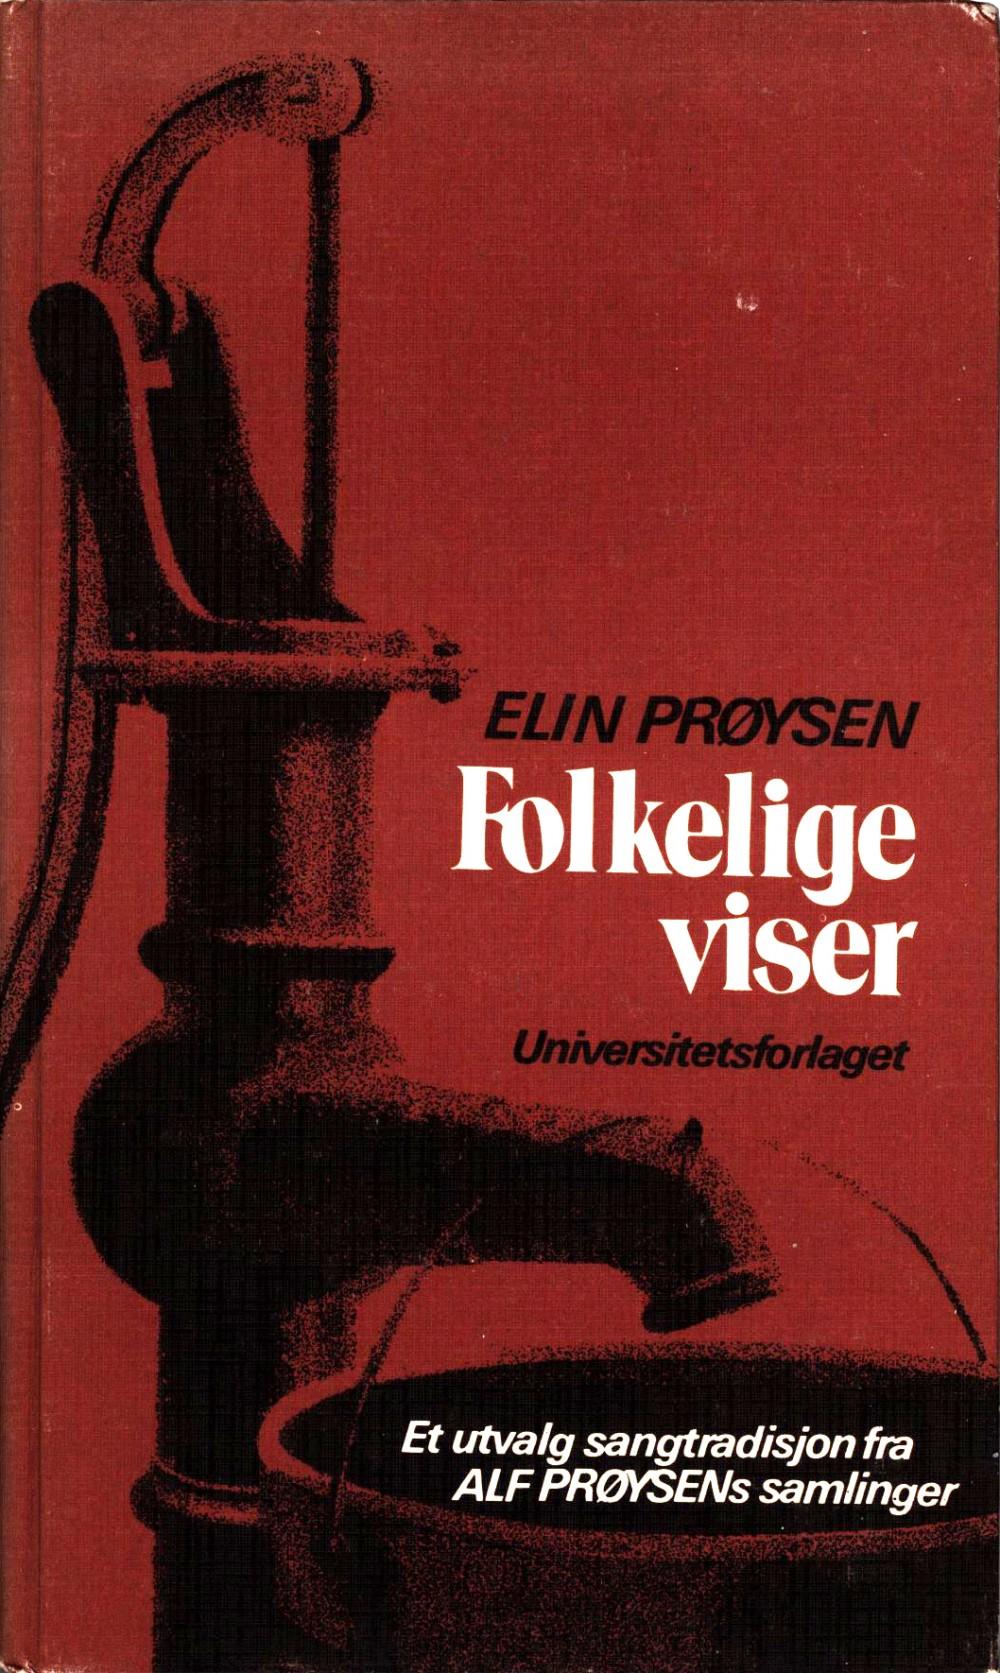 Elin Prøysen: Folkelige viser - Et utvalg folkelig sangtradisjon fra Alf Prøysens samlinger